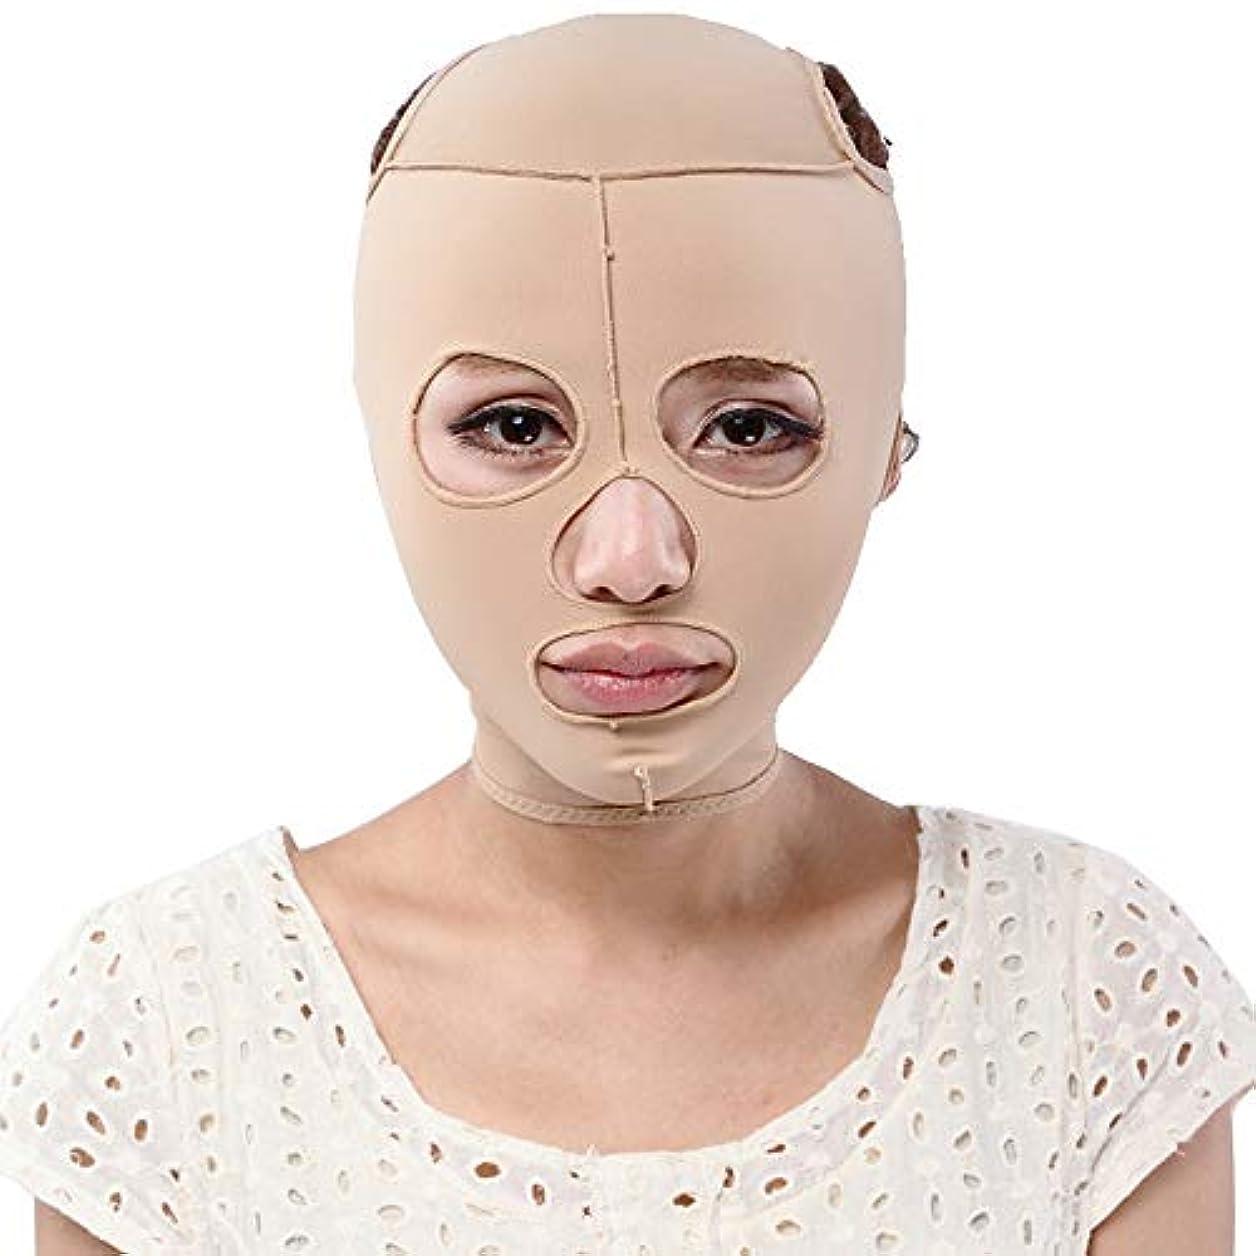 ずんぐりしたクレア意味睡眠薄い顔の包帯、ダブル顎の顔を持ち上げる小物V顔マスクタイプリフティングフェイシャル,S